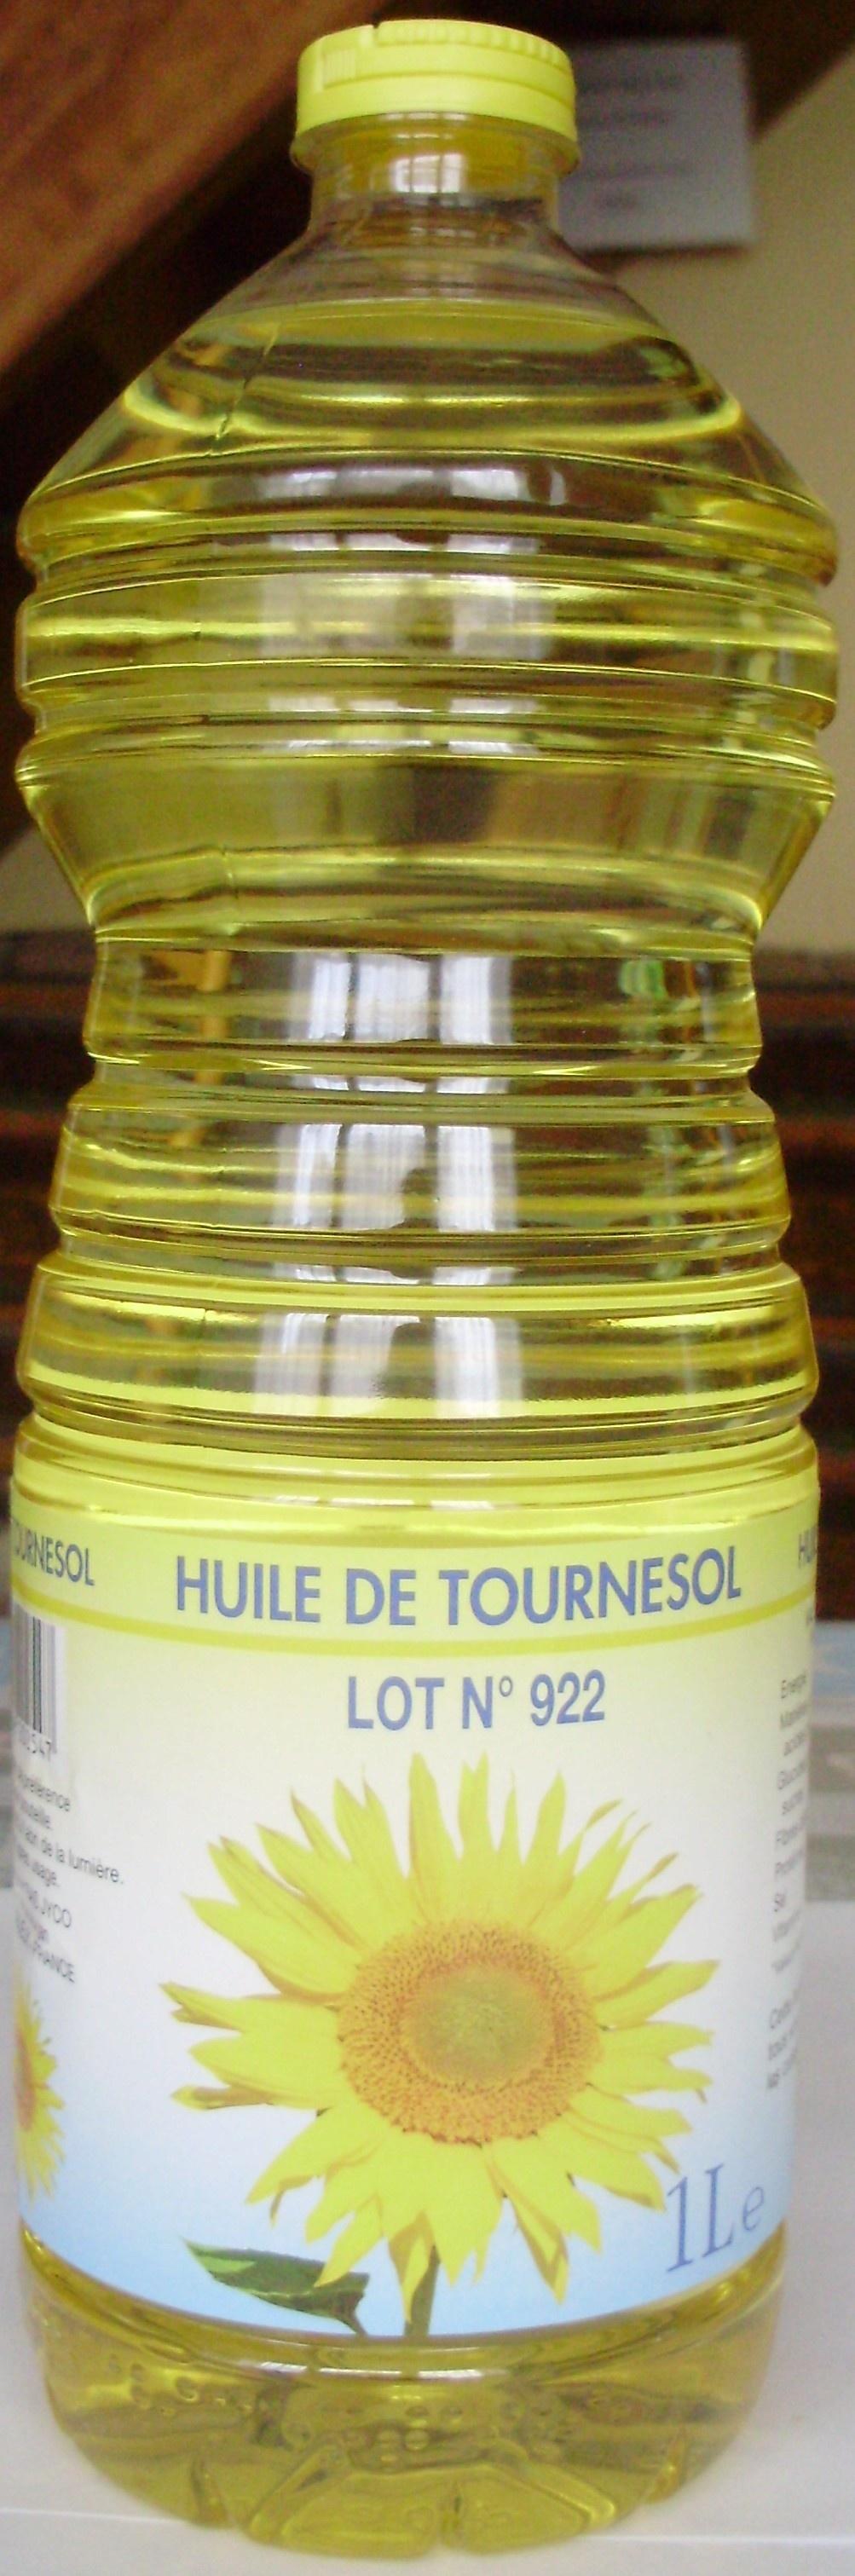 Huile de Tournesol - Produit - fr